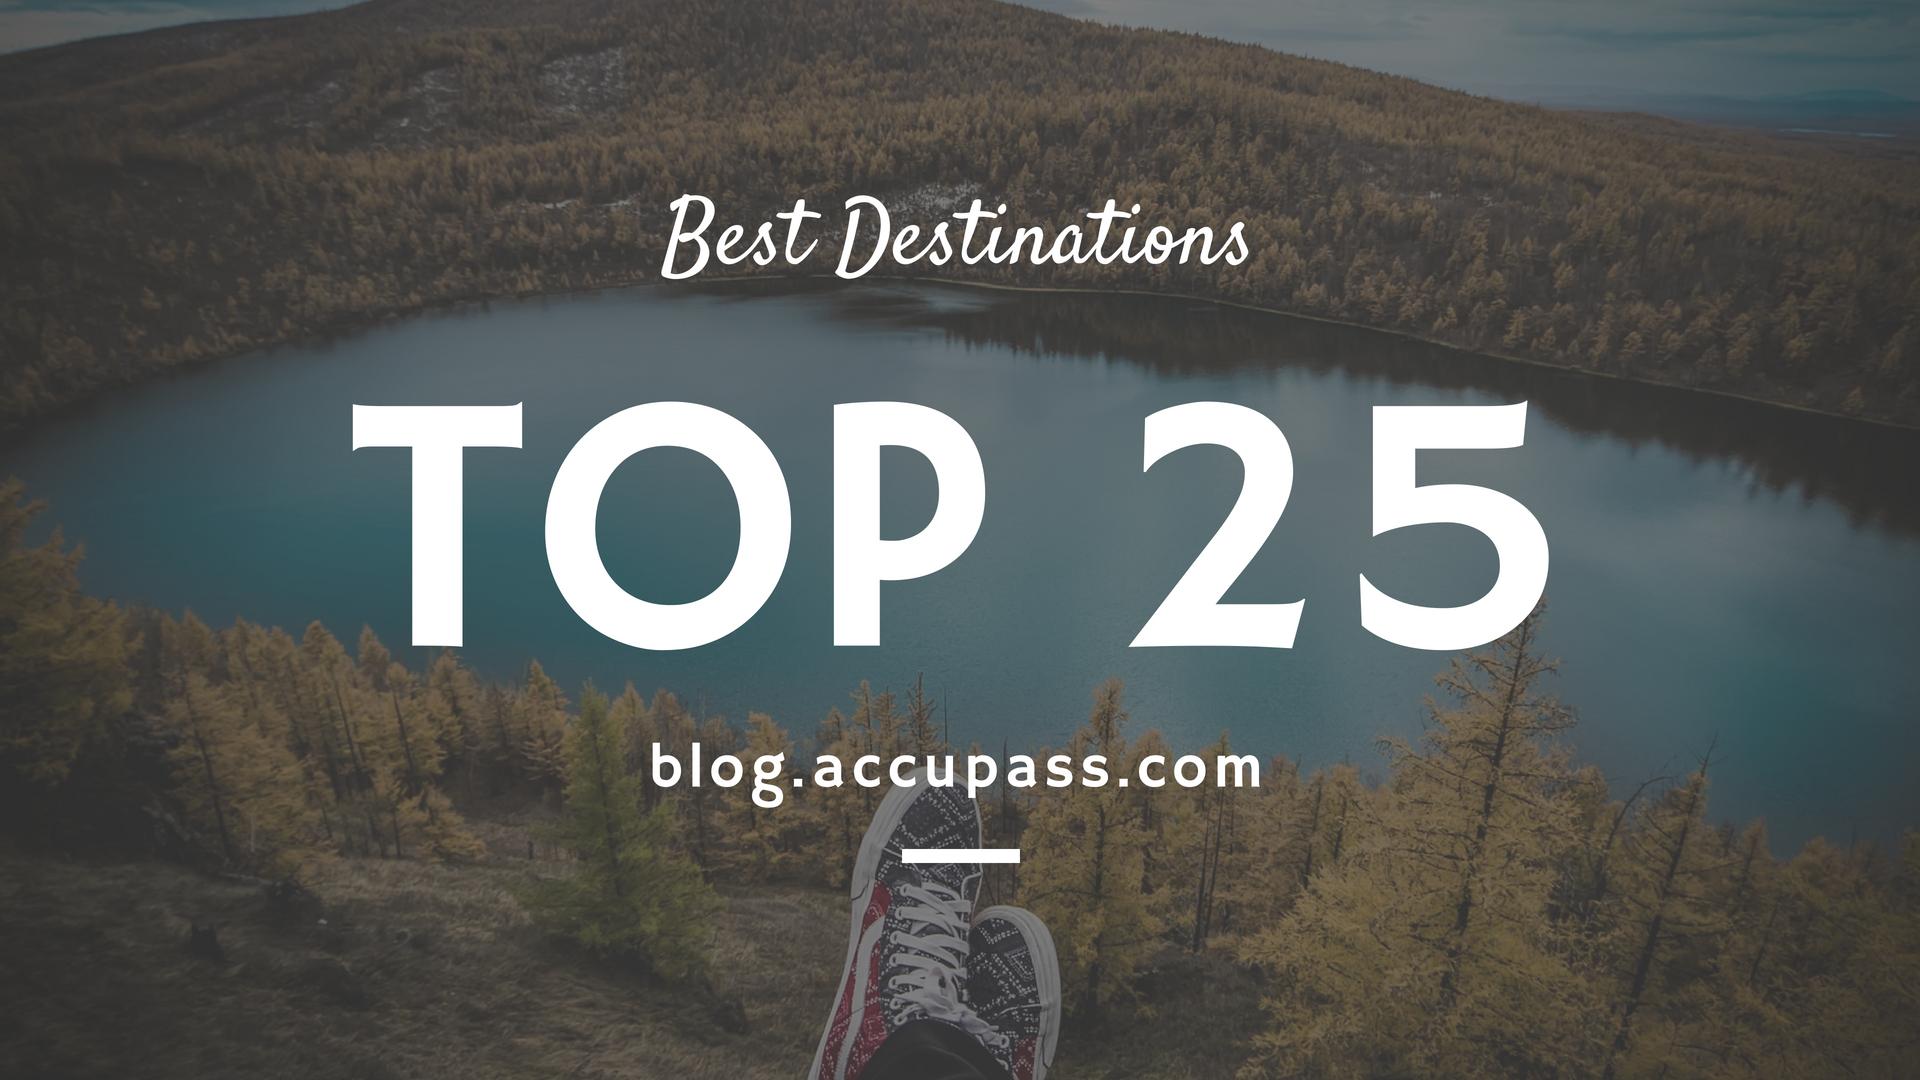 【暑假出國必看】全世界 Top 25 旅遊勝地(下),全球最大旅遊網站 TripAdvisor 掛保證!